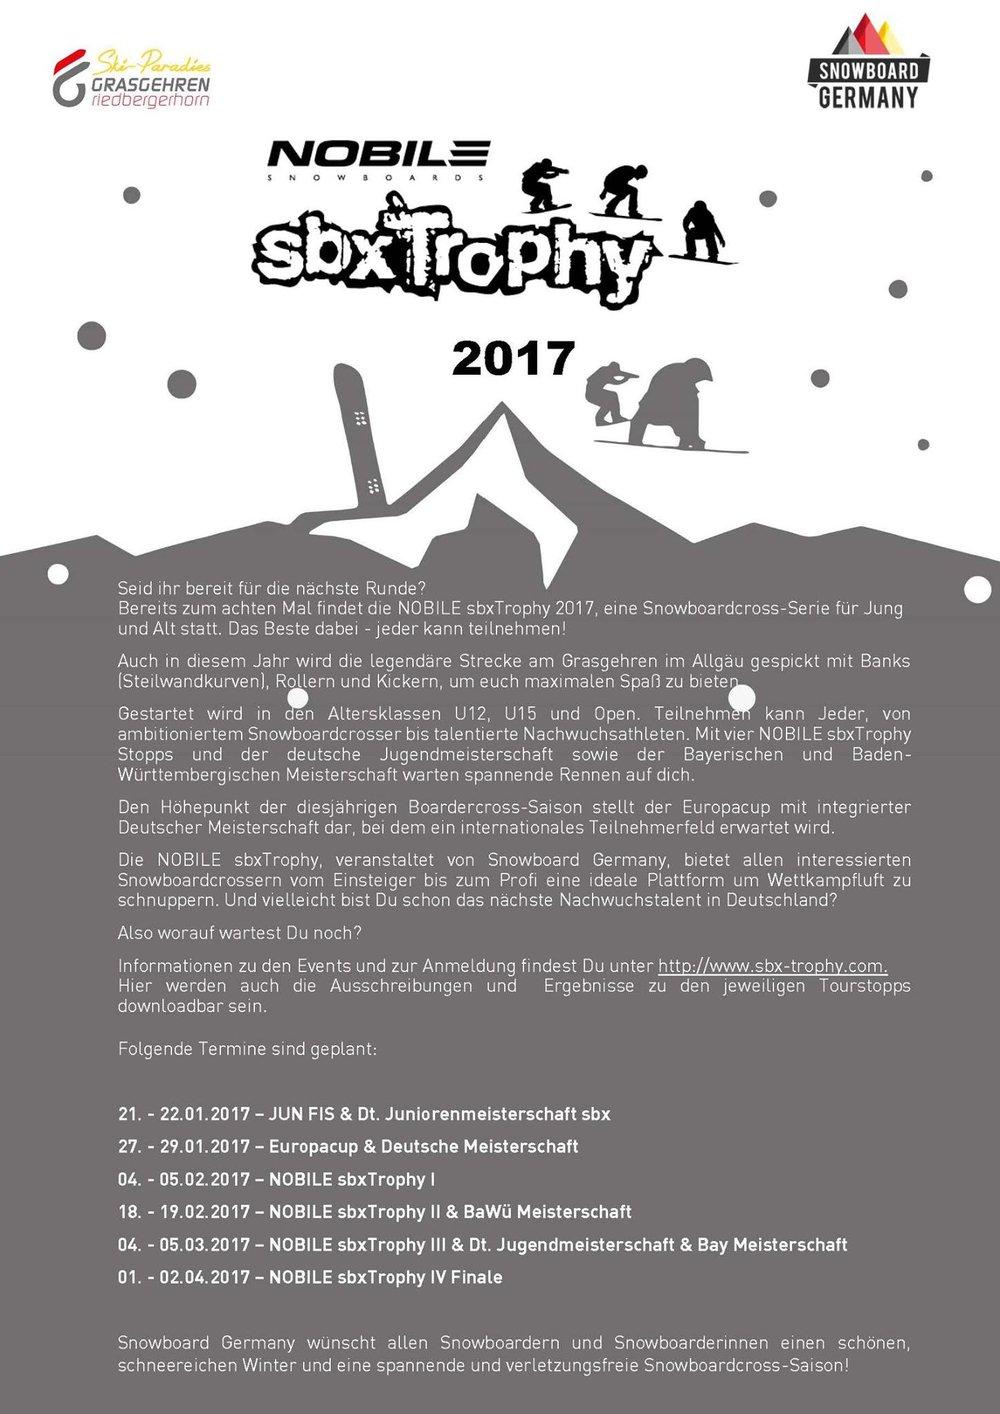 nobile-snowboards_sbxTrophy-2017_boardercross-challenge_grasgehren